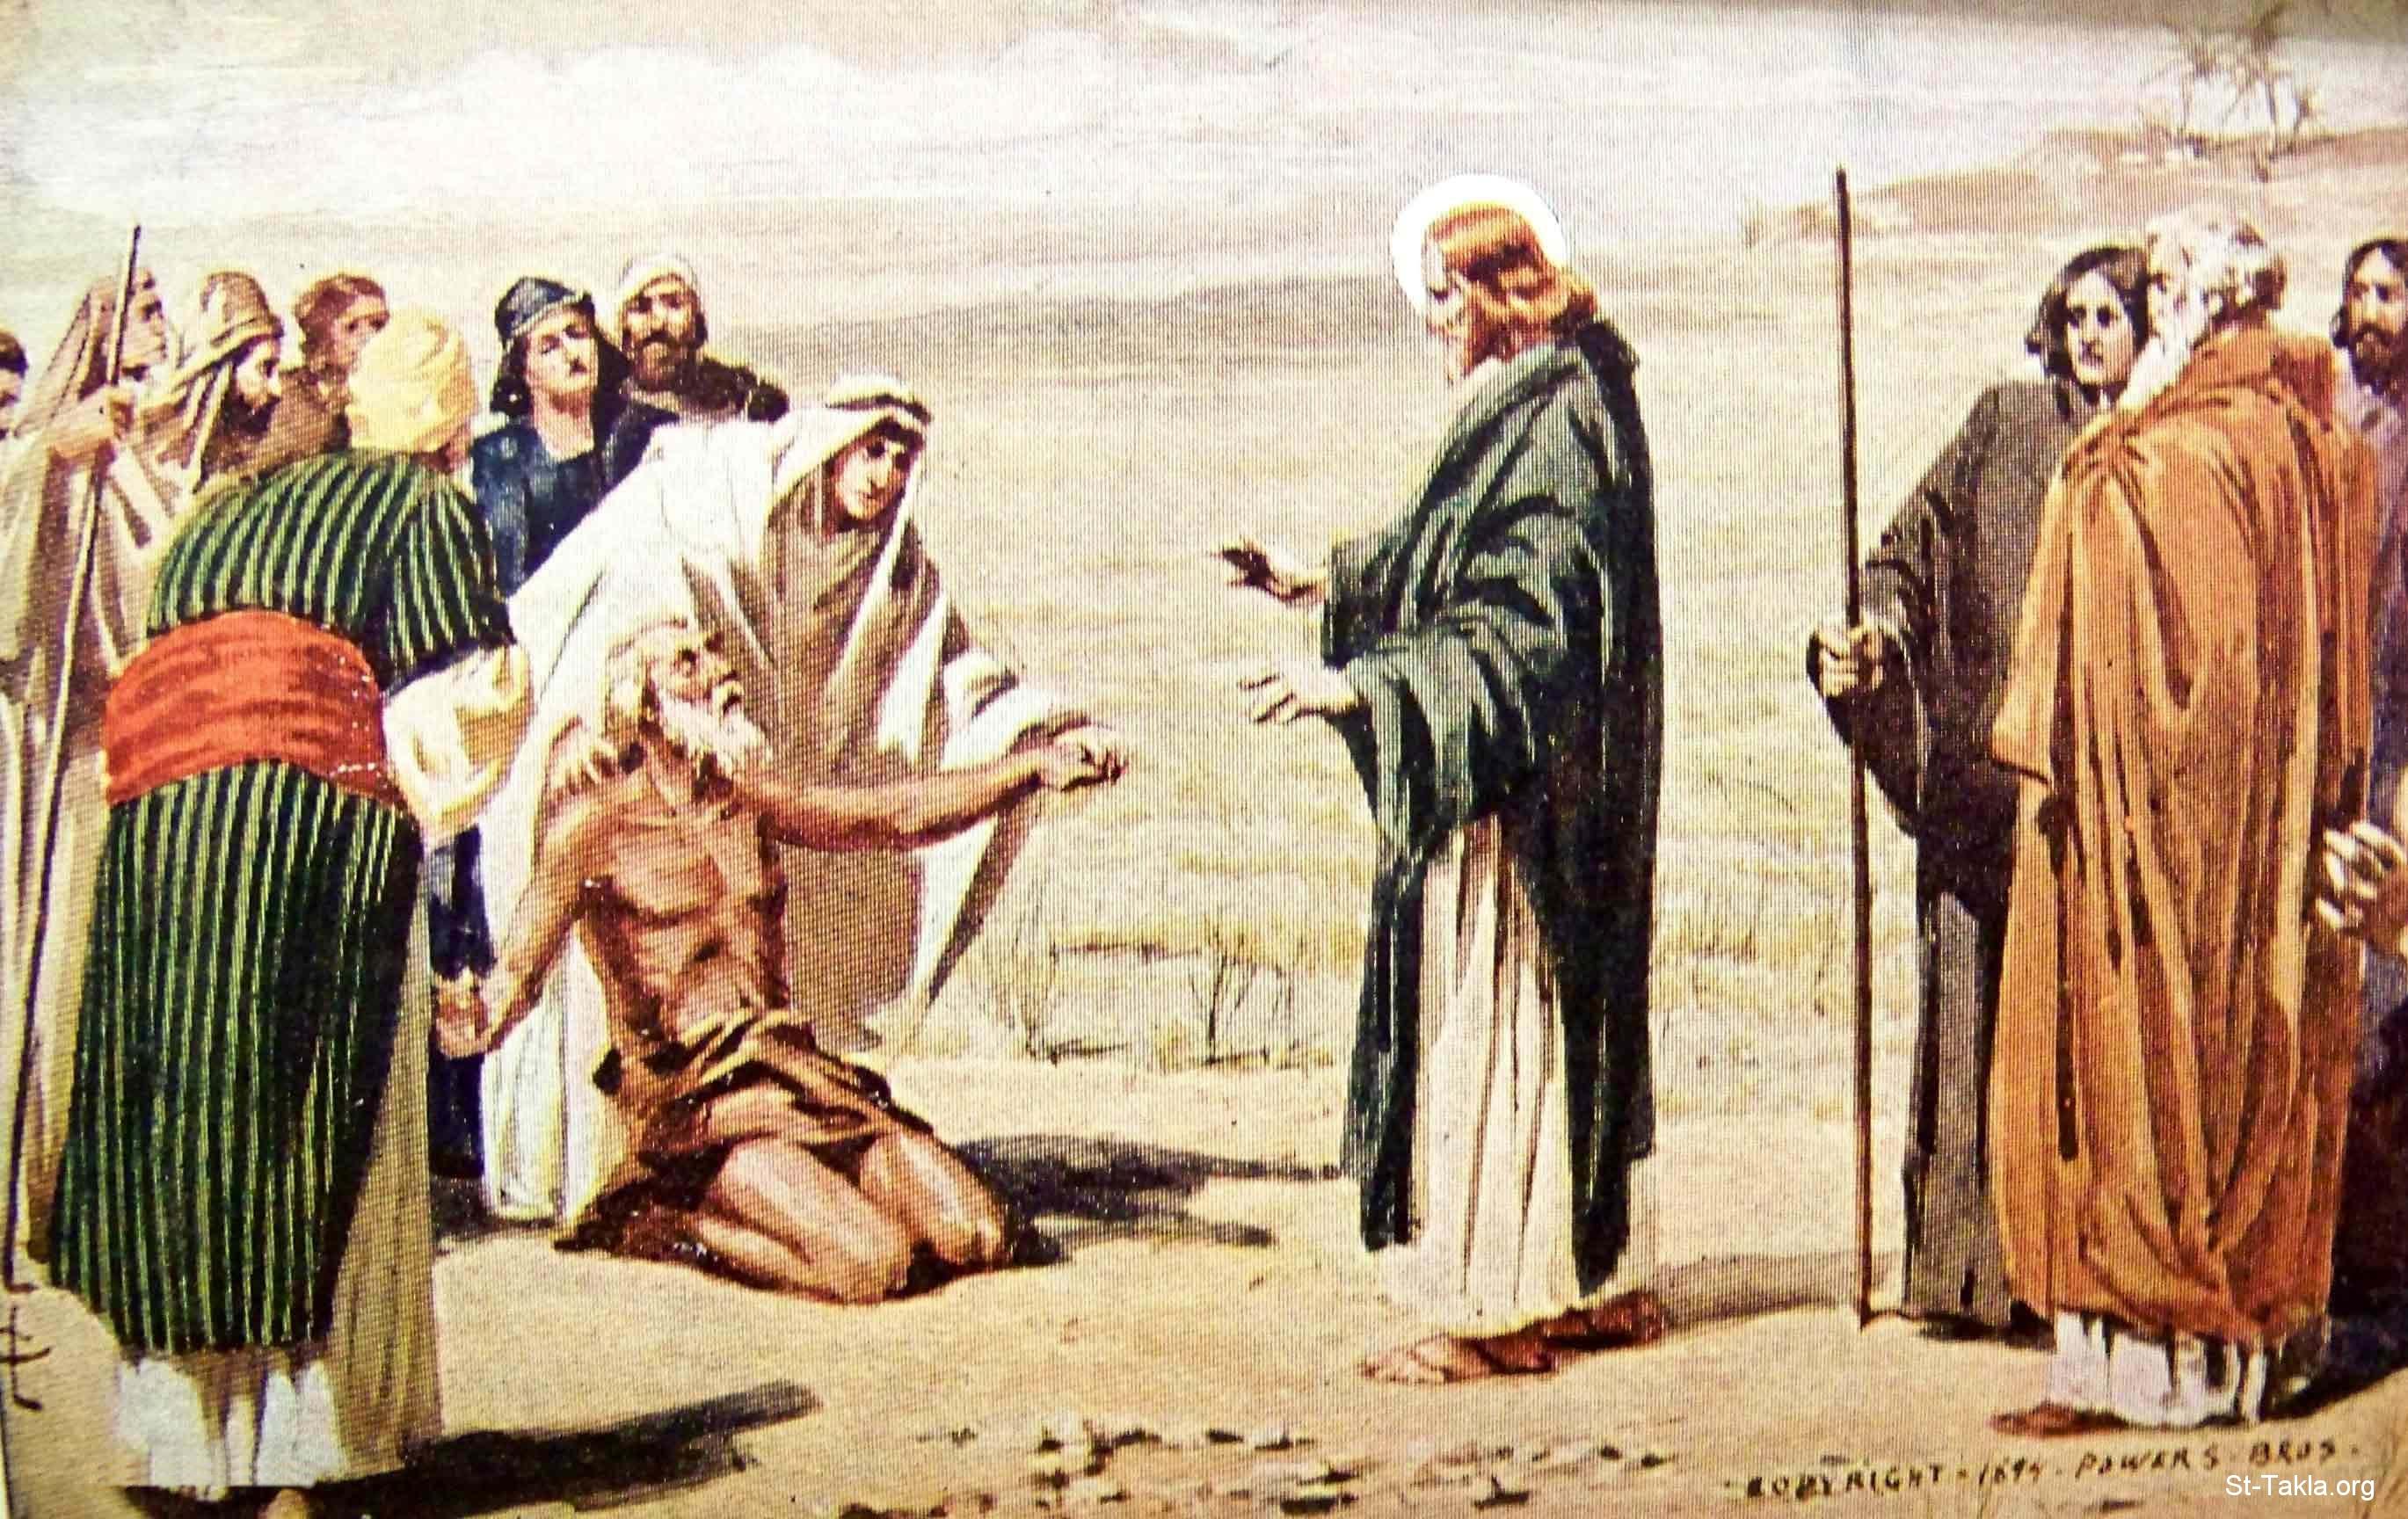 www-St-Takla-org--Bartimeus.jpg?m=129942